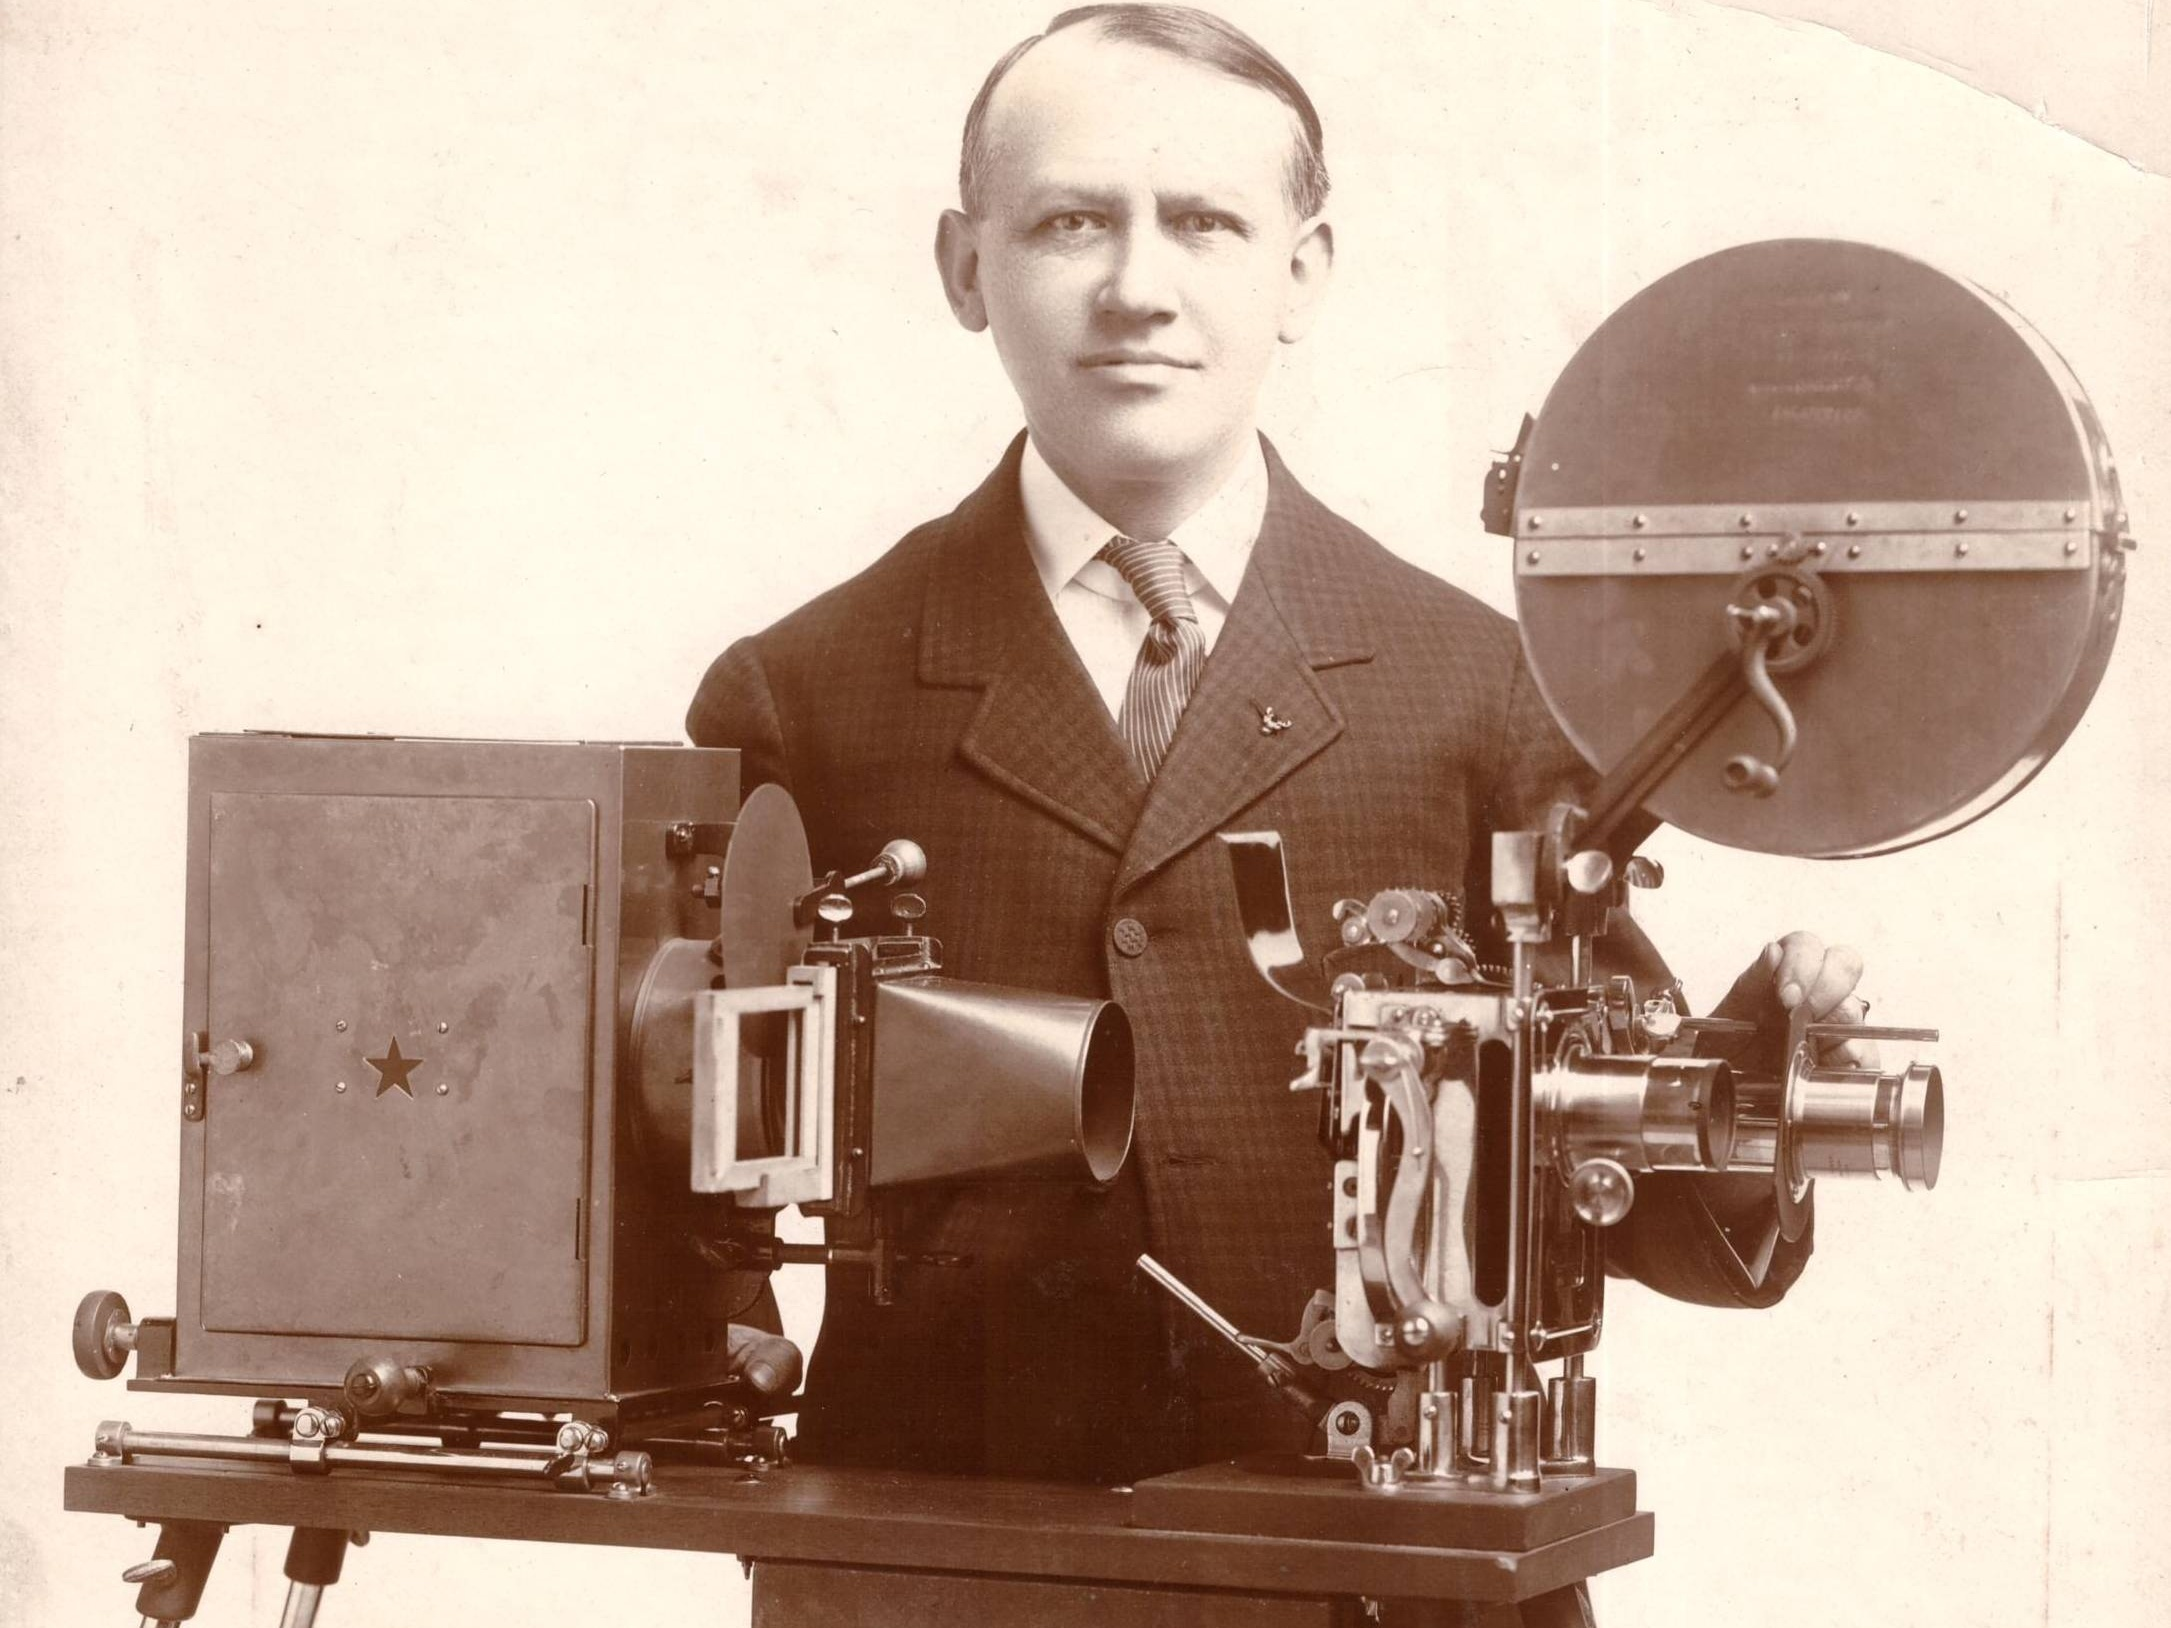 Foto: Carl Laemmle Produzentenpreis (Carl Laemmle mit Kamera, 1909)